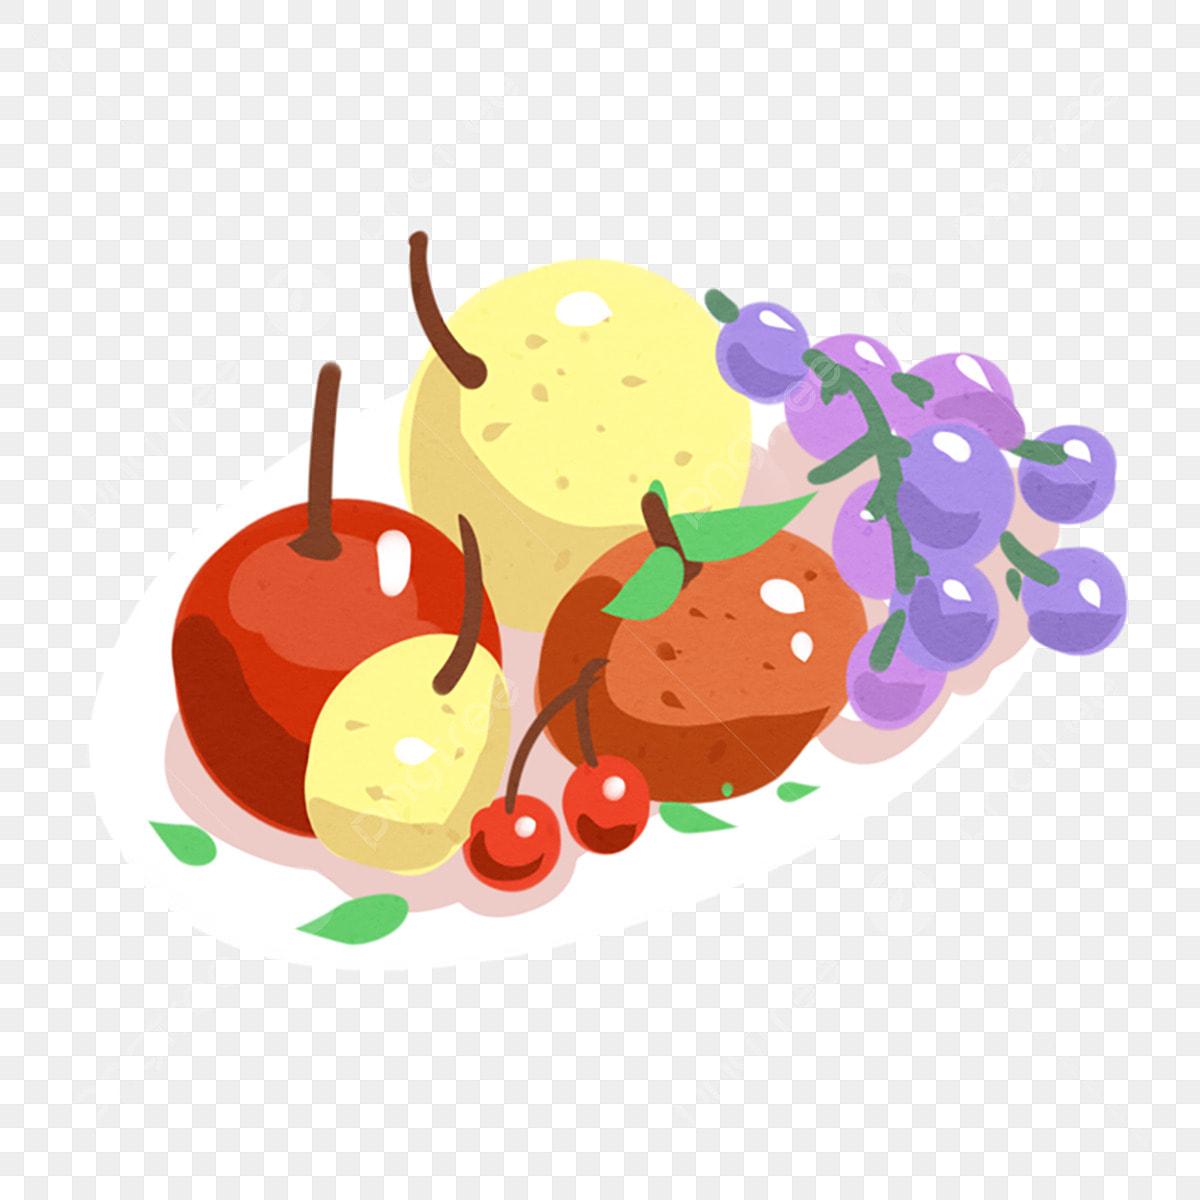 gambar dicat cantik buah buah kartun lukisan lukisan epal kartun png dan psd untuk muat turun percuma https ms pngtree com freepng painted pretty fruit cartoon fruit 3981139 html